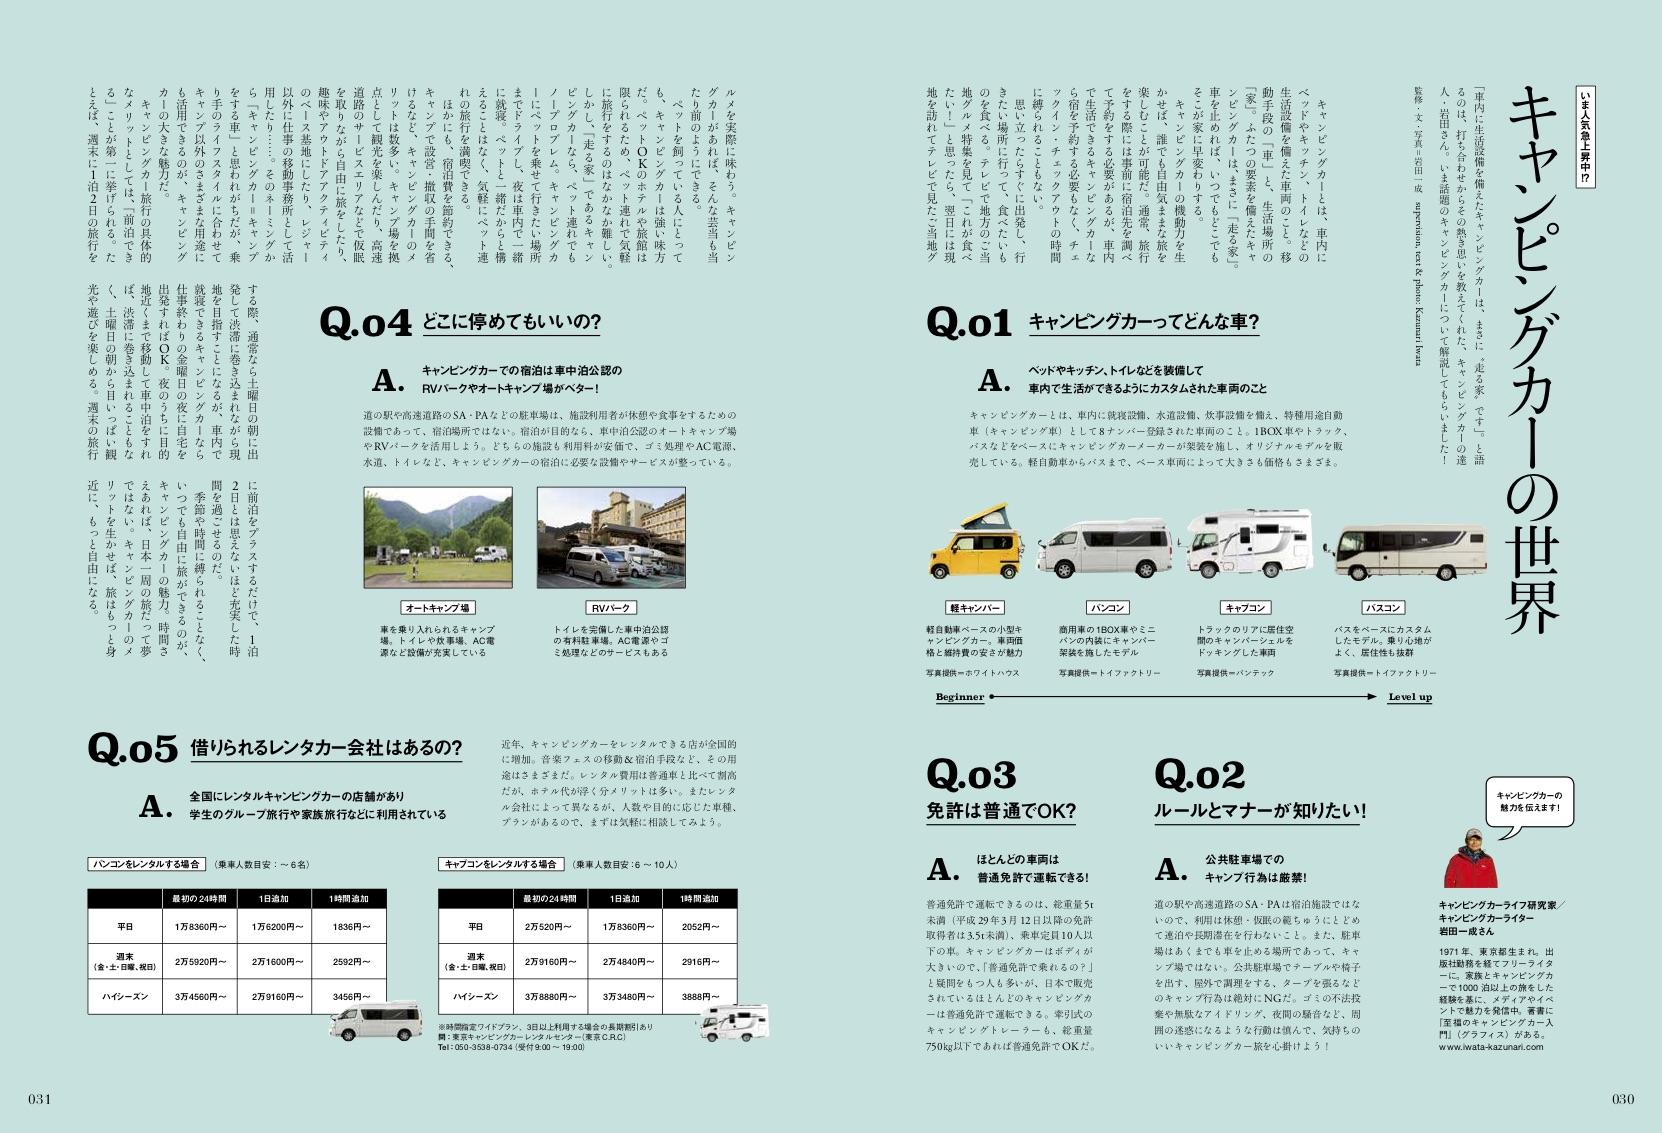 キャンピングカーの世界